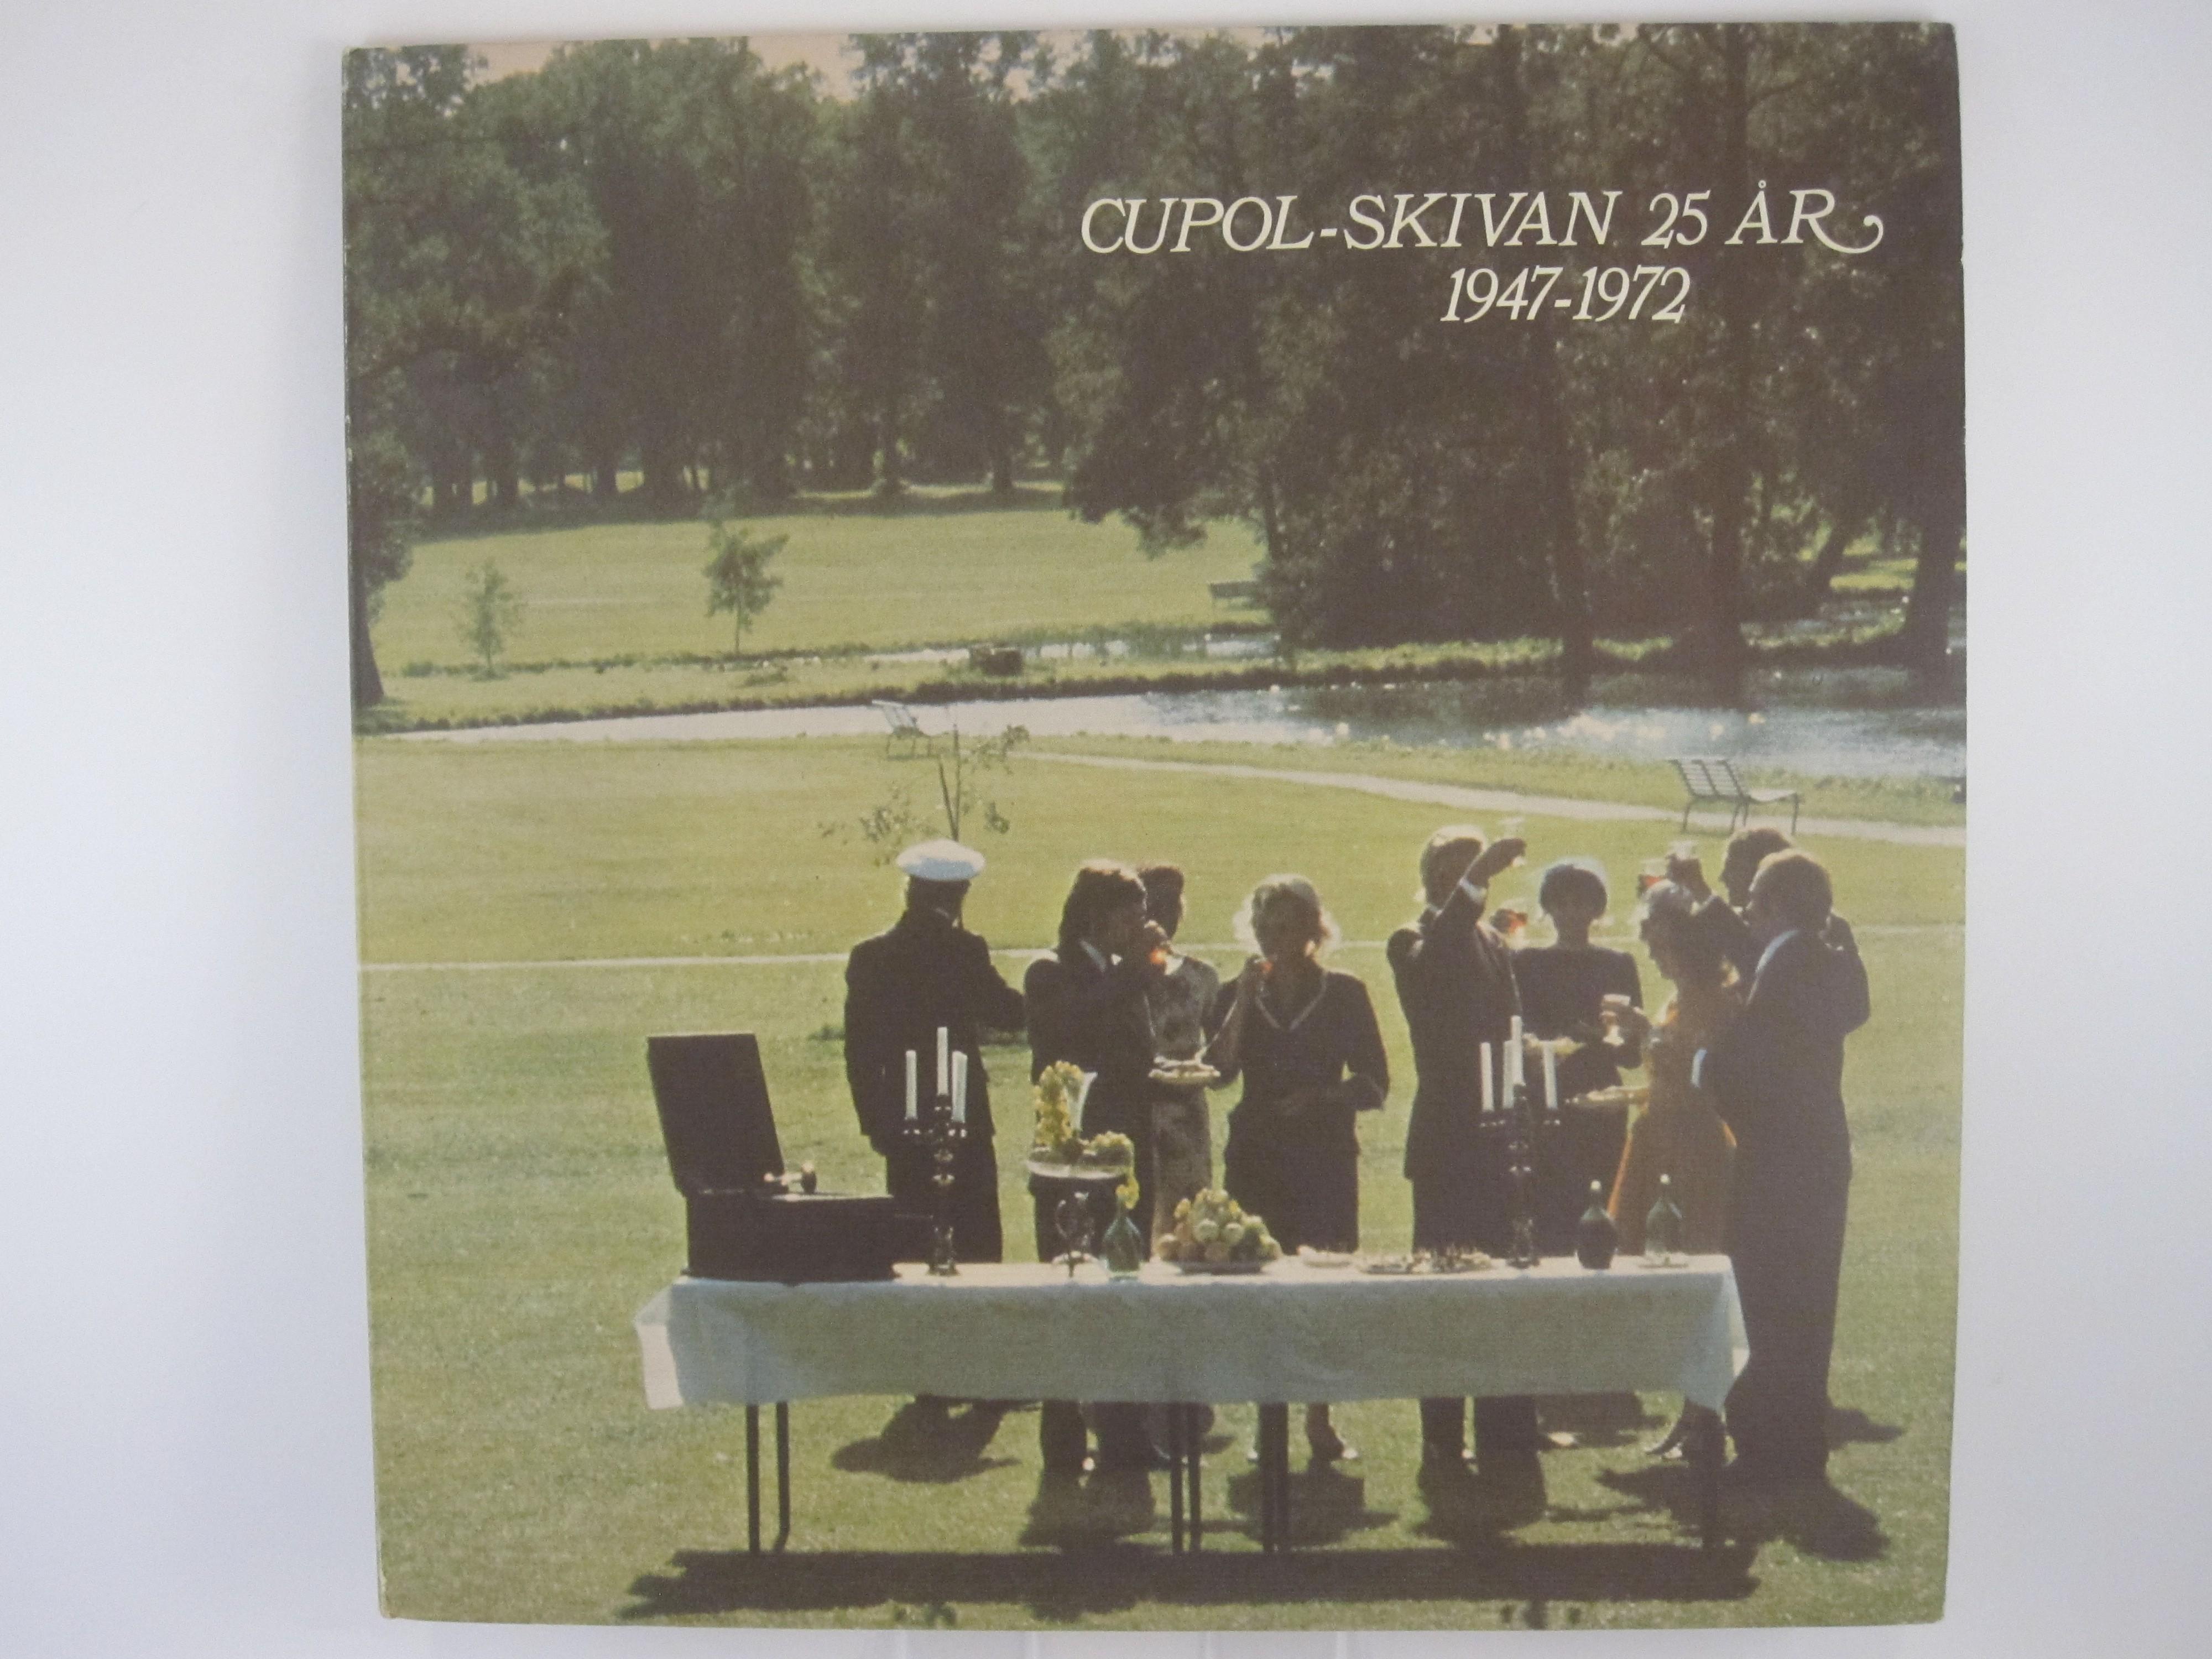 Cupol-skivan 25 år 1947-72 : AGNETHA FÄLTSKOG + other artists